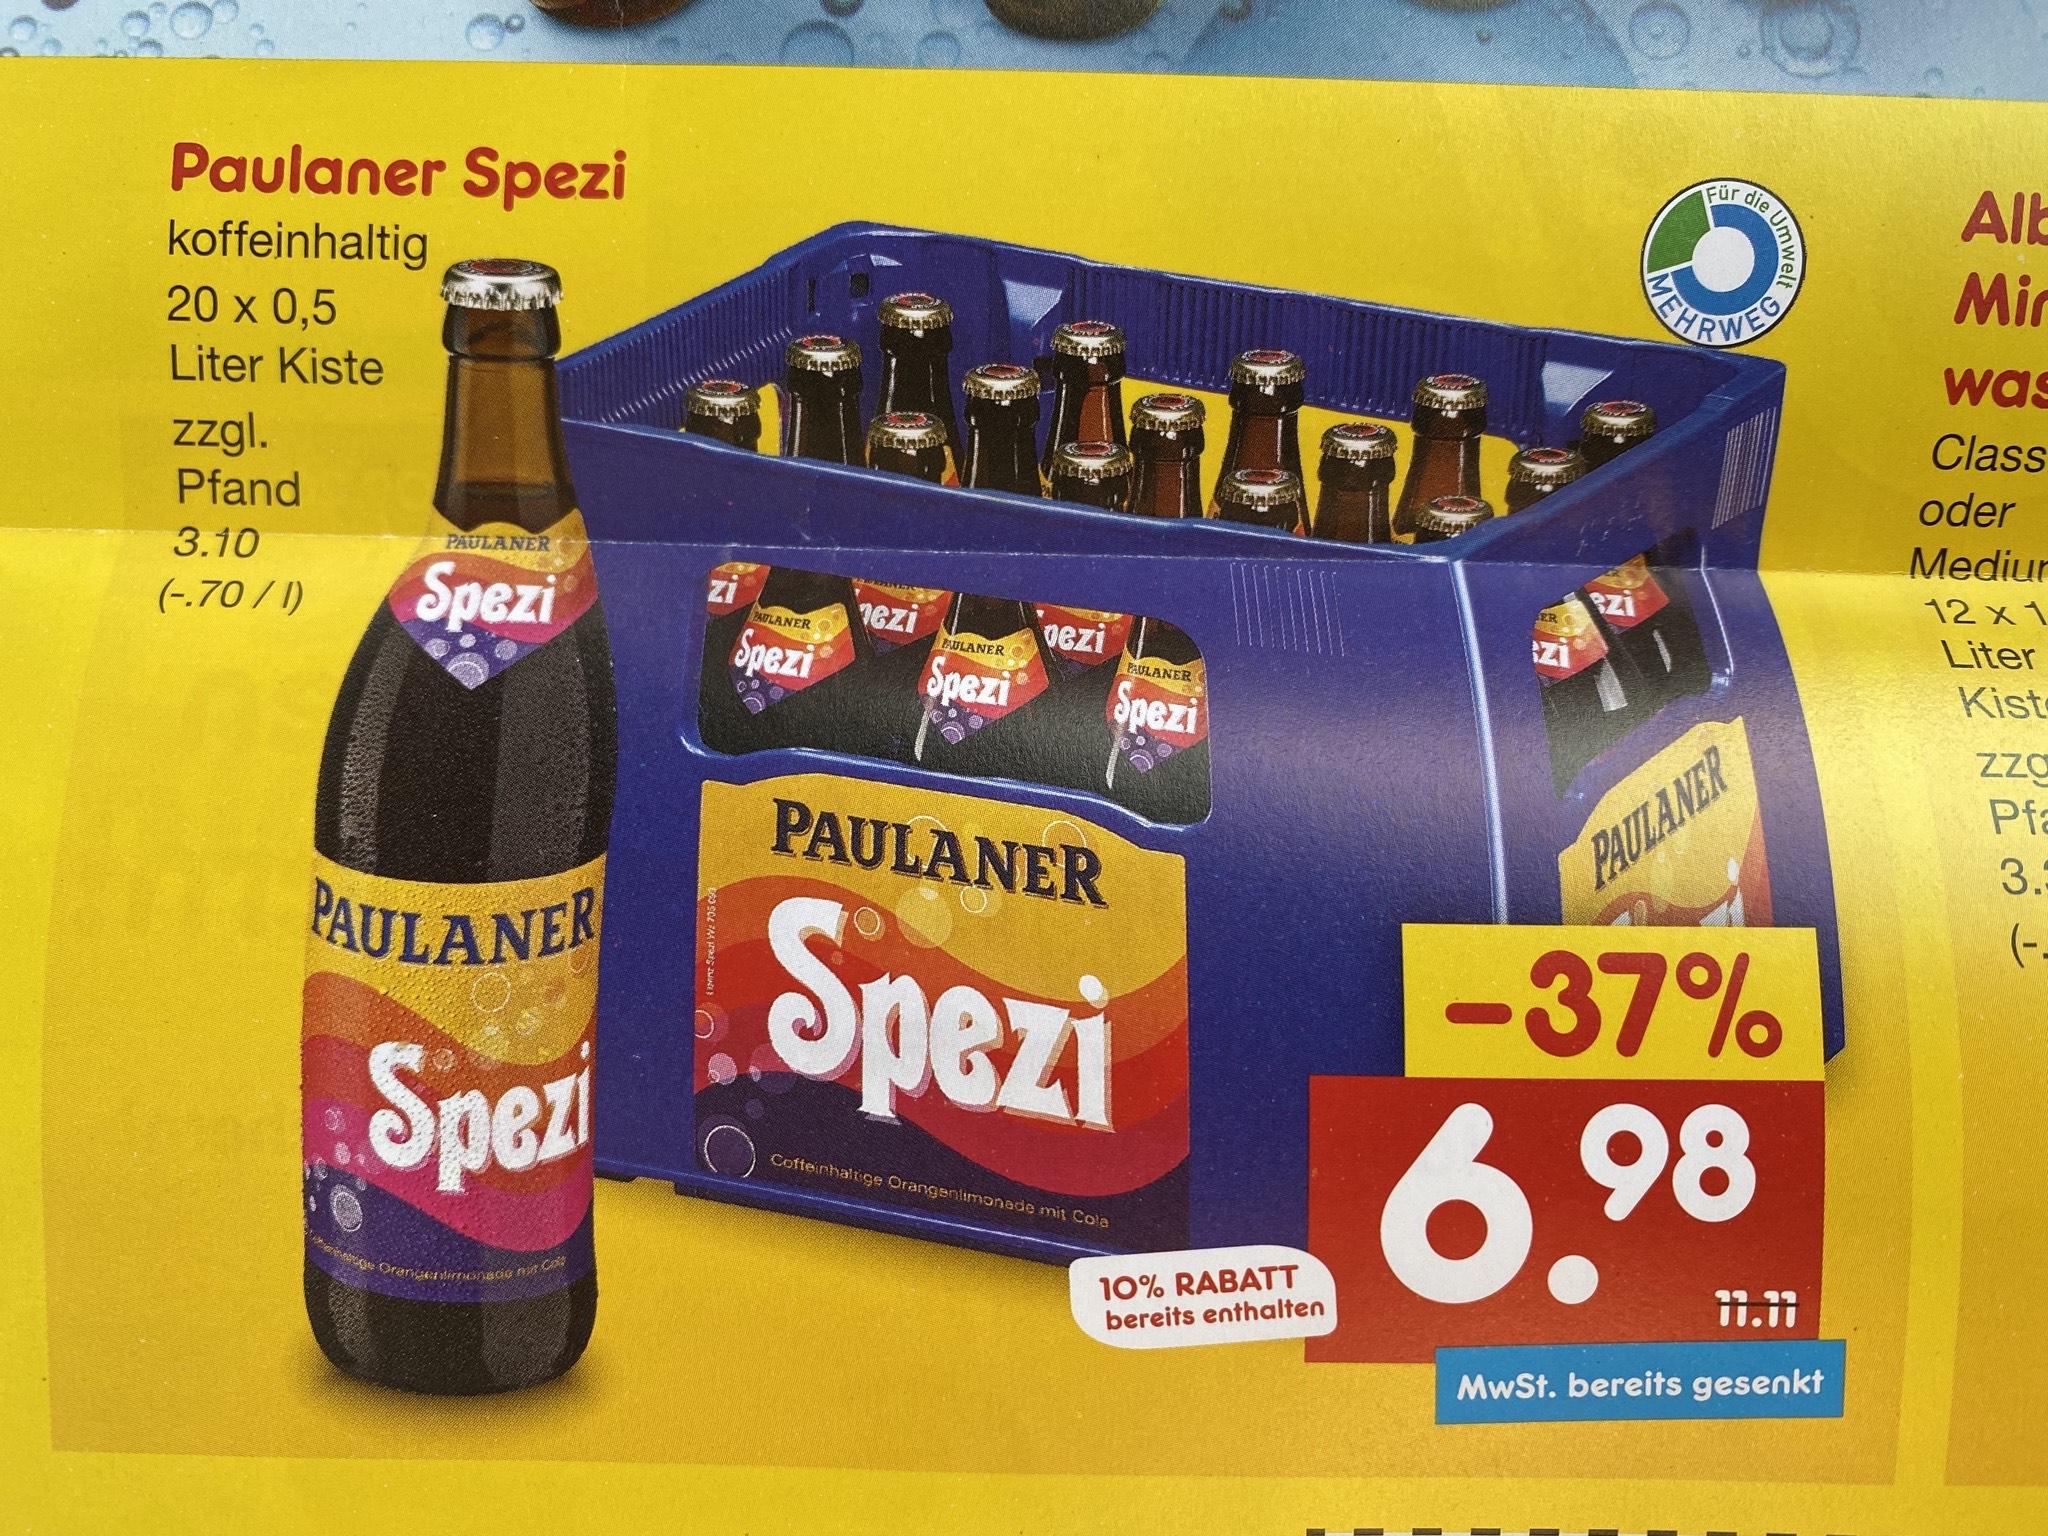 [Lokal] Paulaner Spezi 20 x 0,5l für 6,98€ (zzgl. 3,10€ Pfand) bei Netto